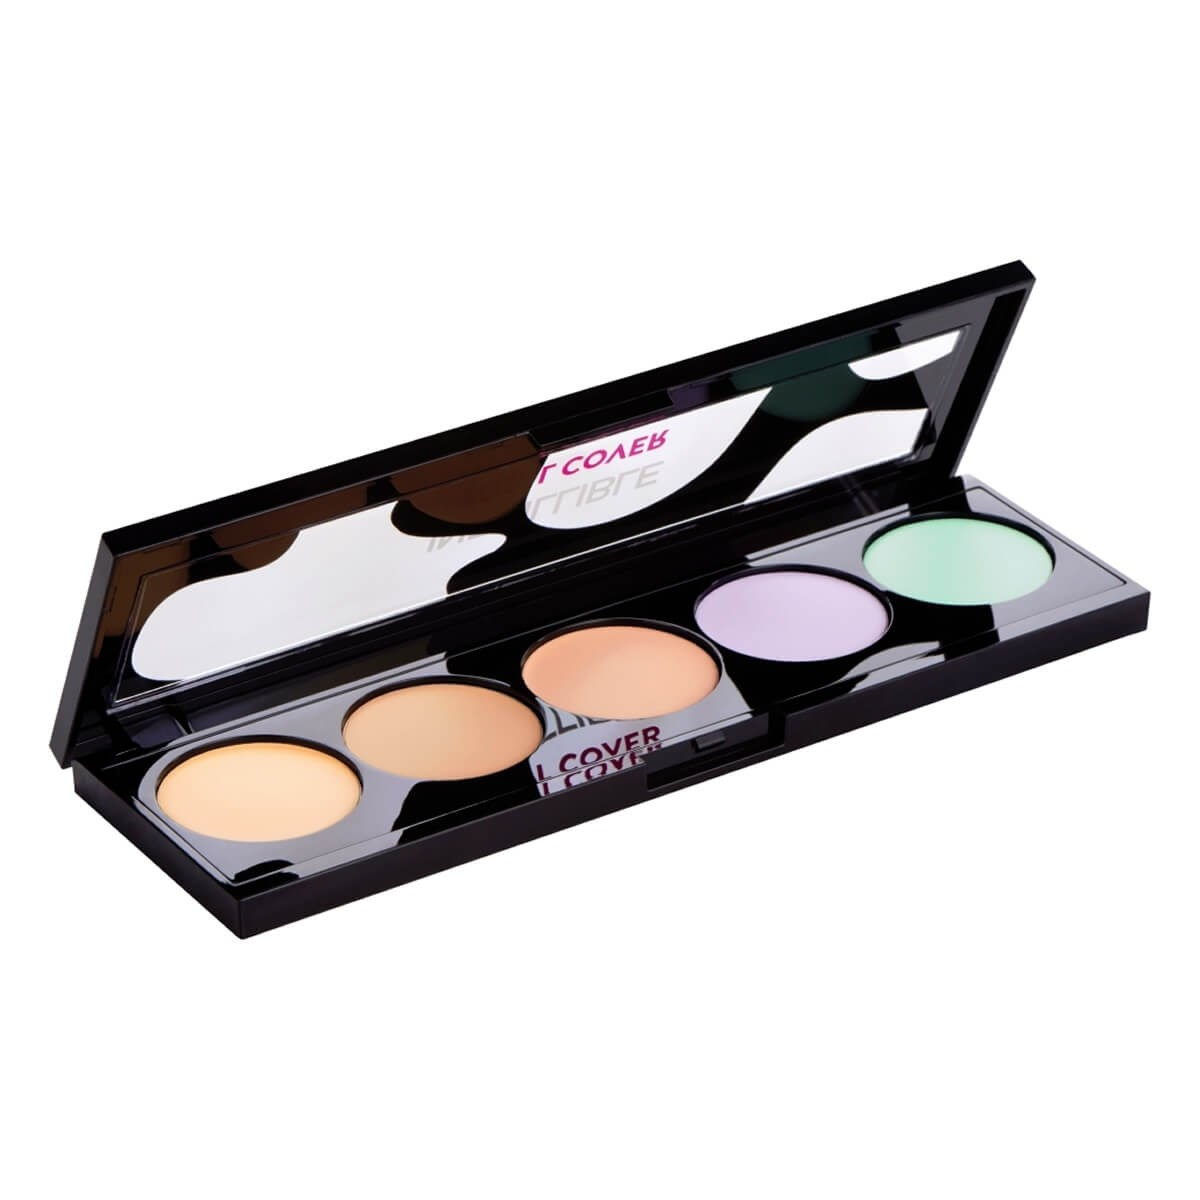 L'Oreal Paris Infallible Total Cover Concealer Palette